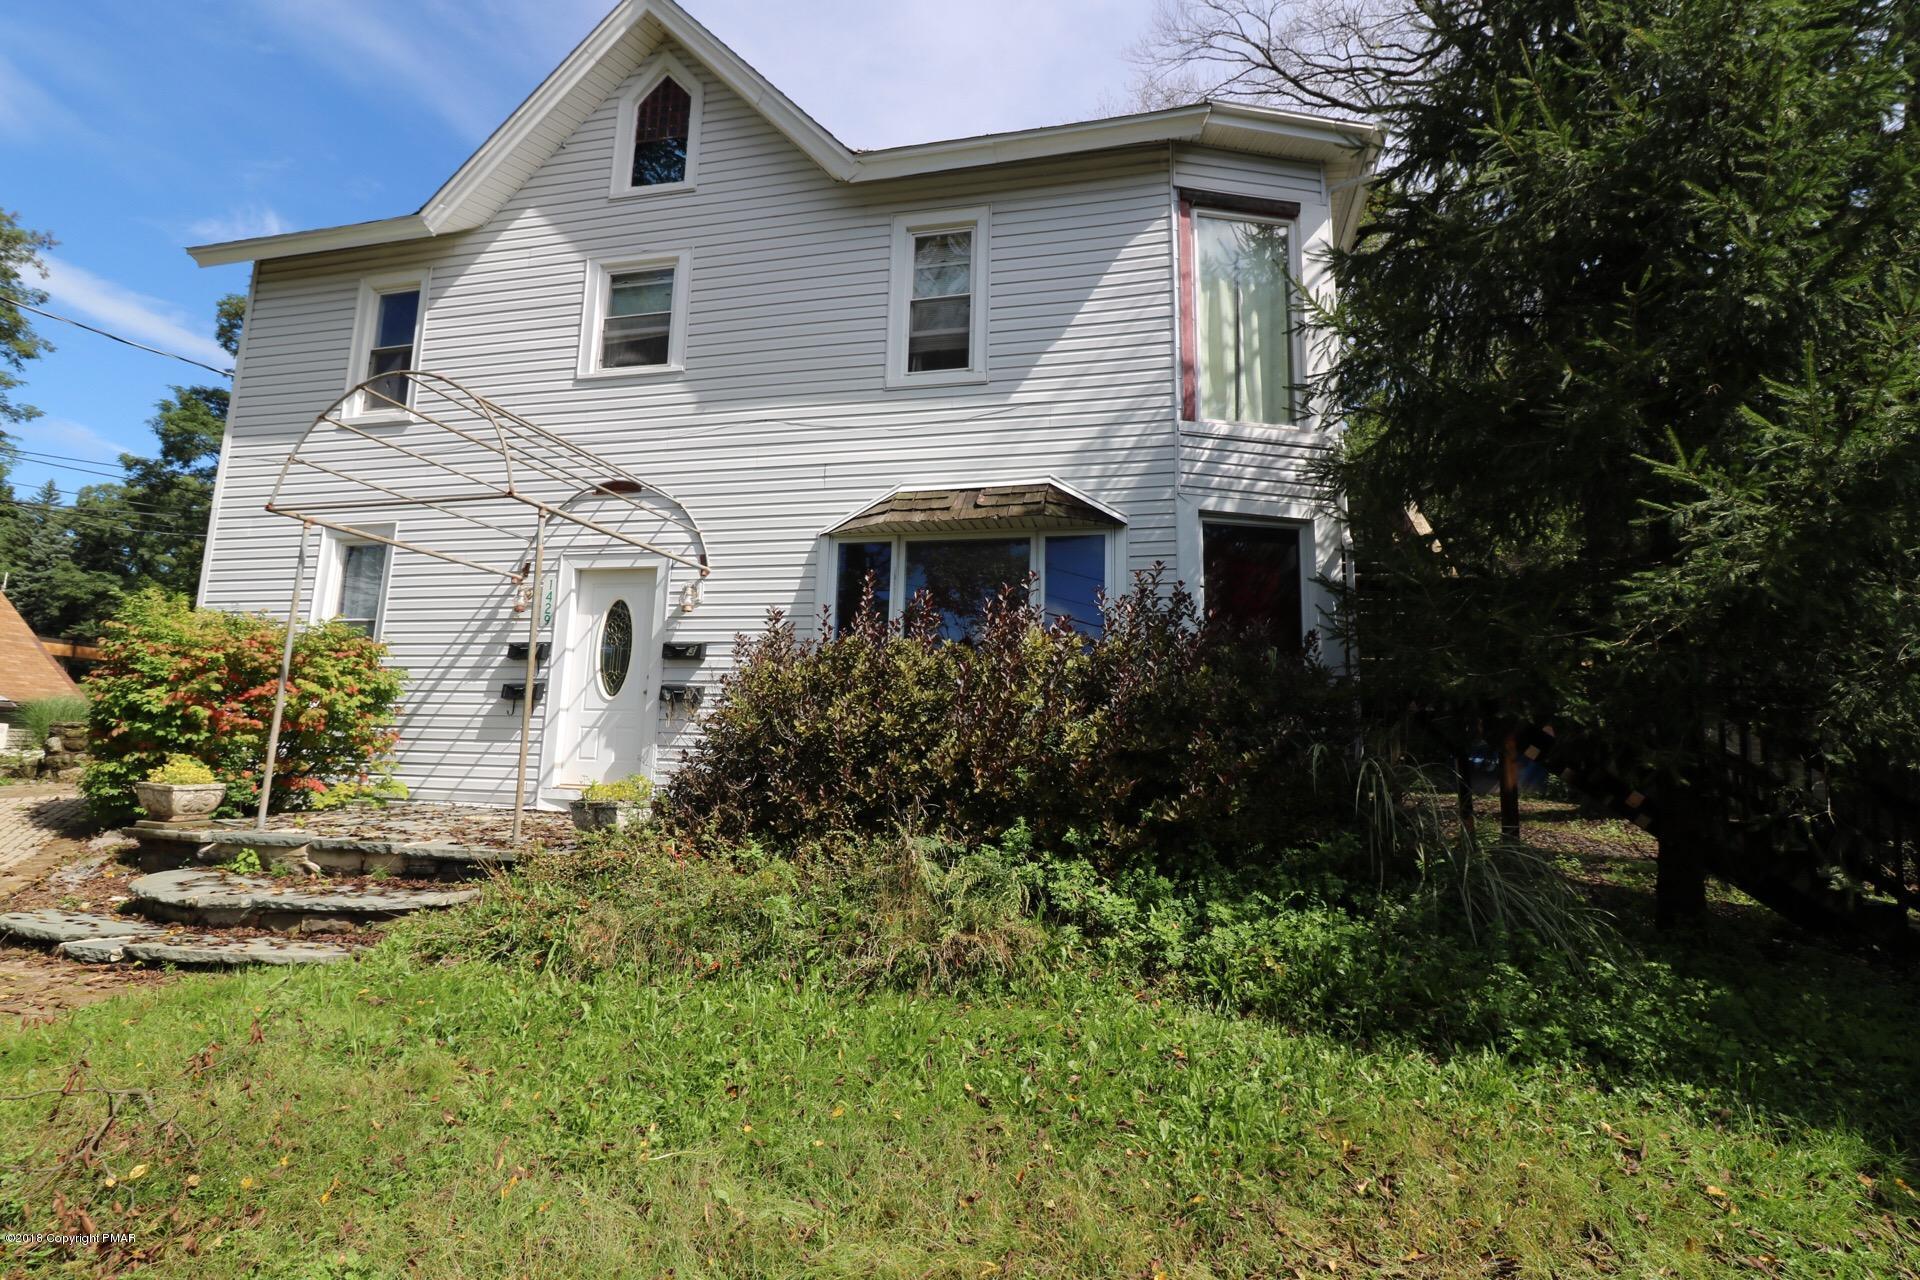 1429 Pocono Blvd, Mount Pocono, PA 18344